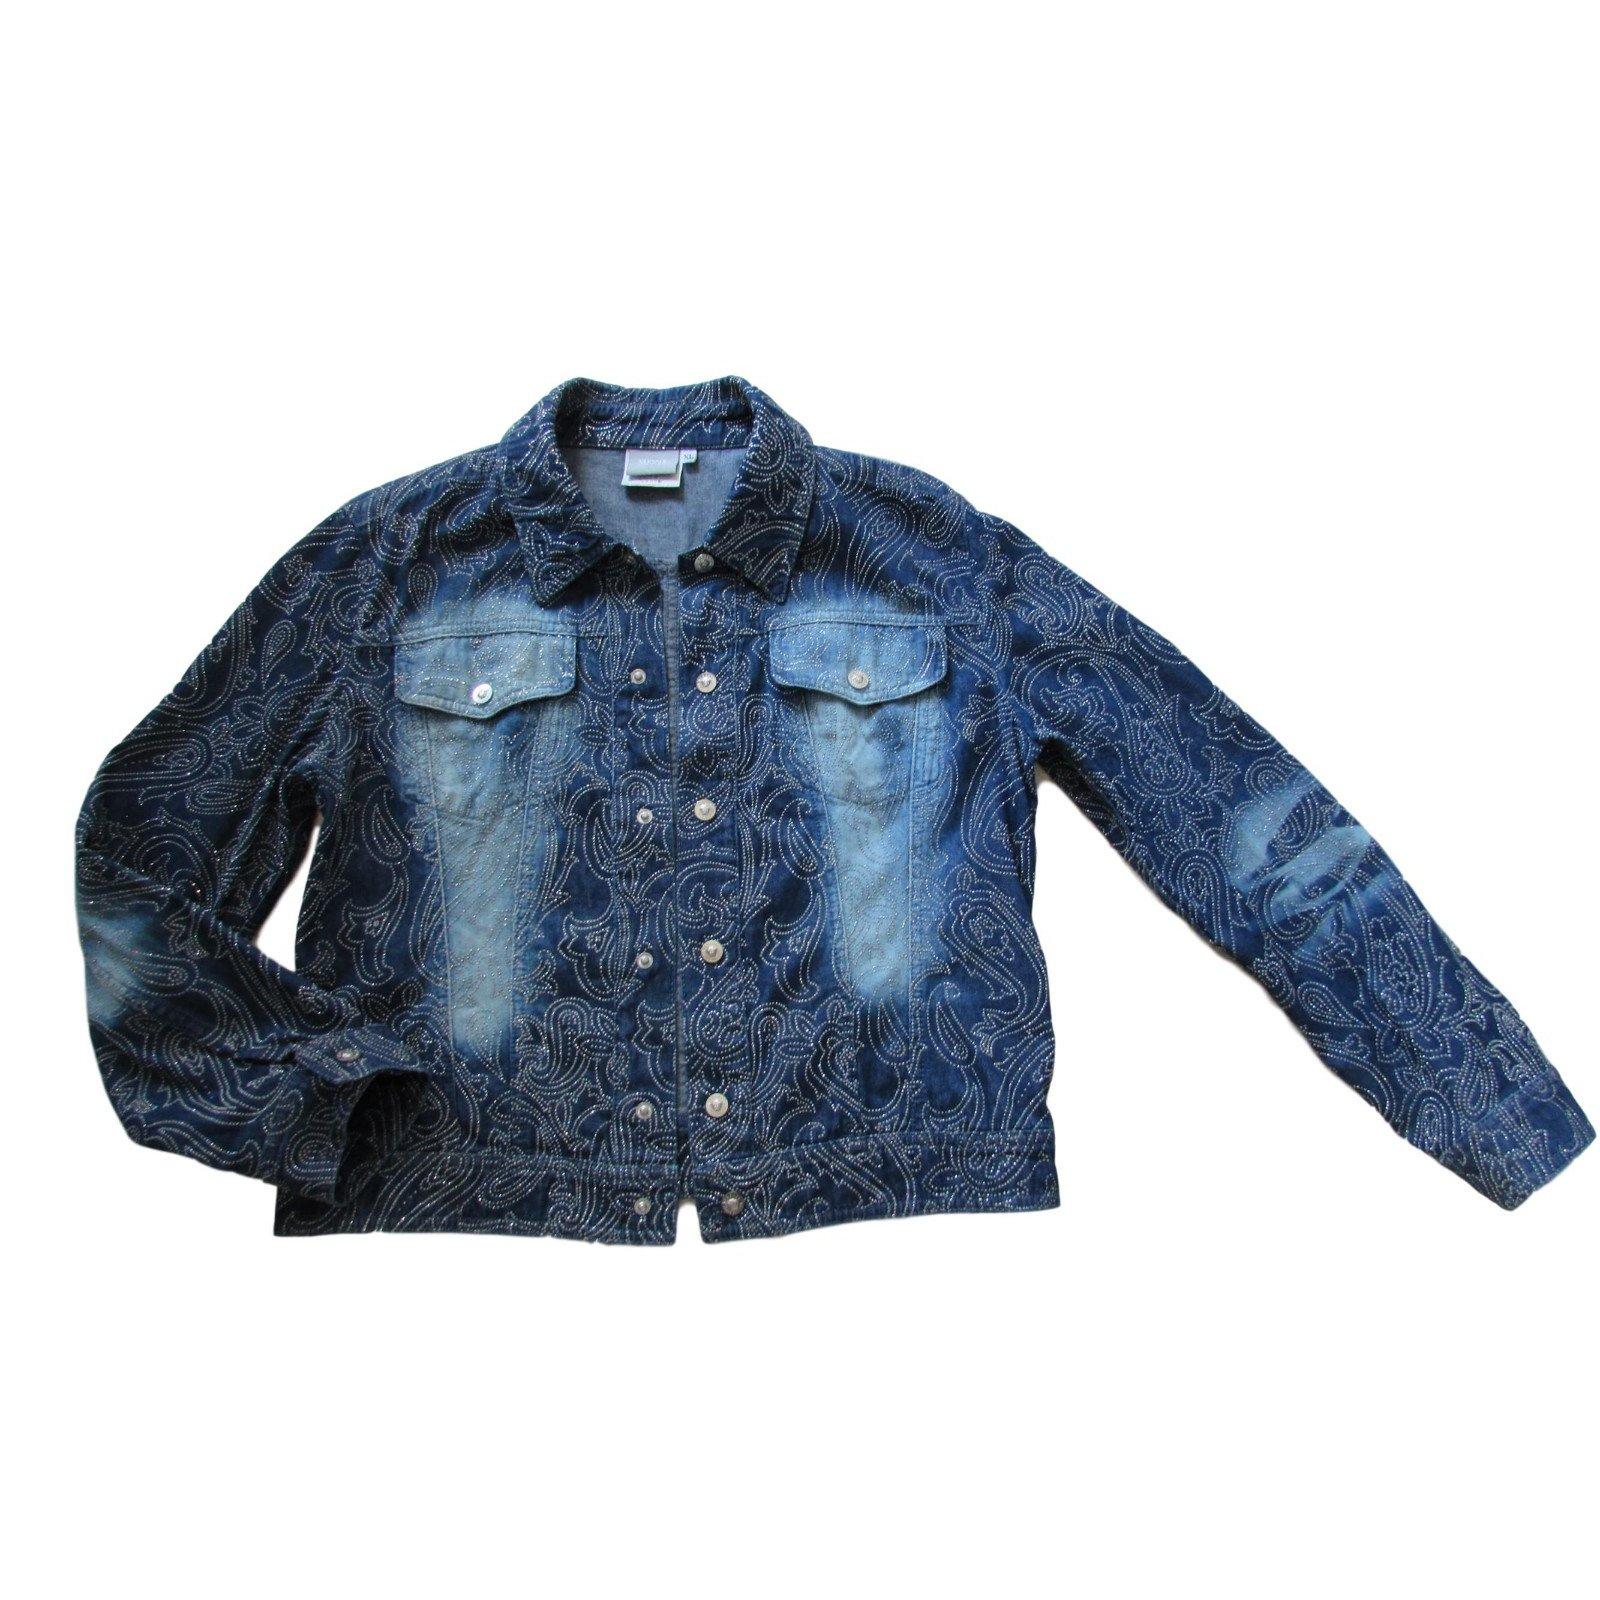 Vestes Versace Vestes Jean Bleu Ref 84650 Joli Closet